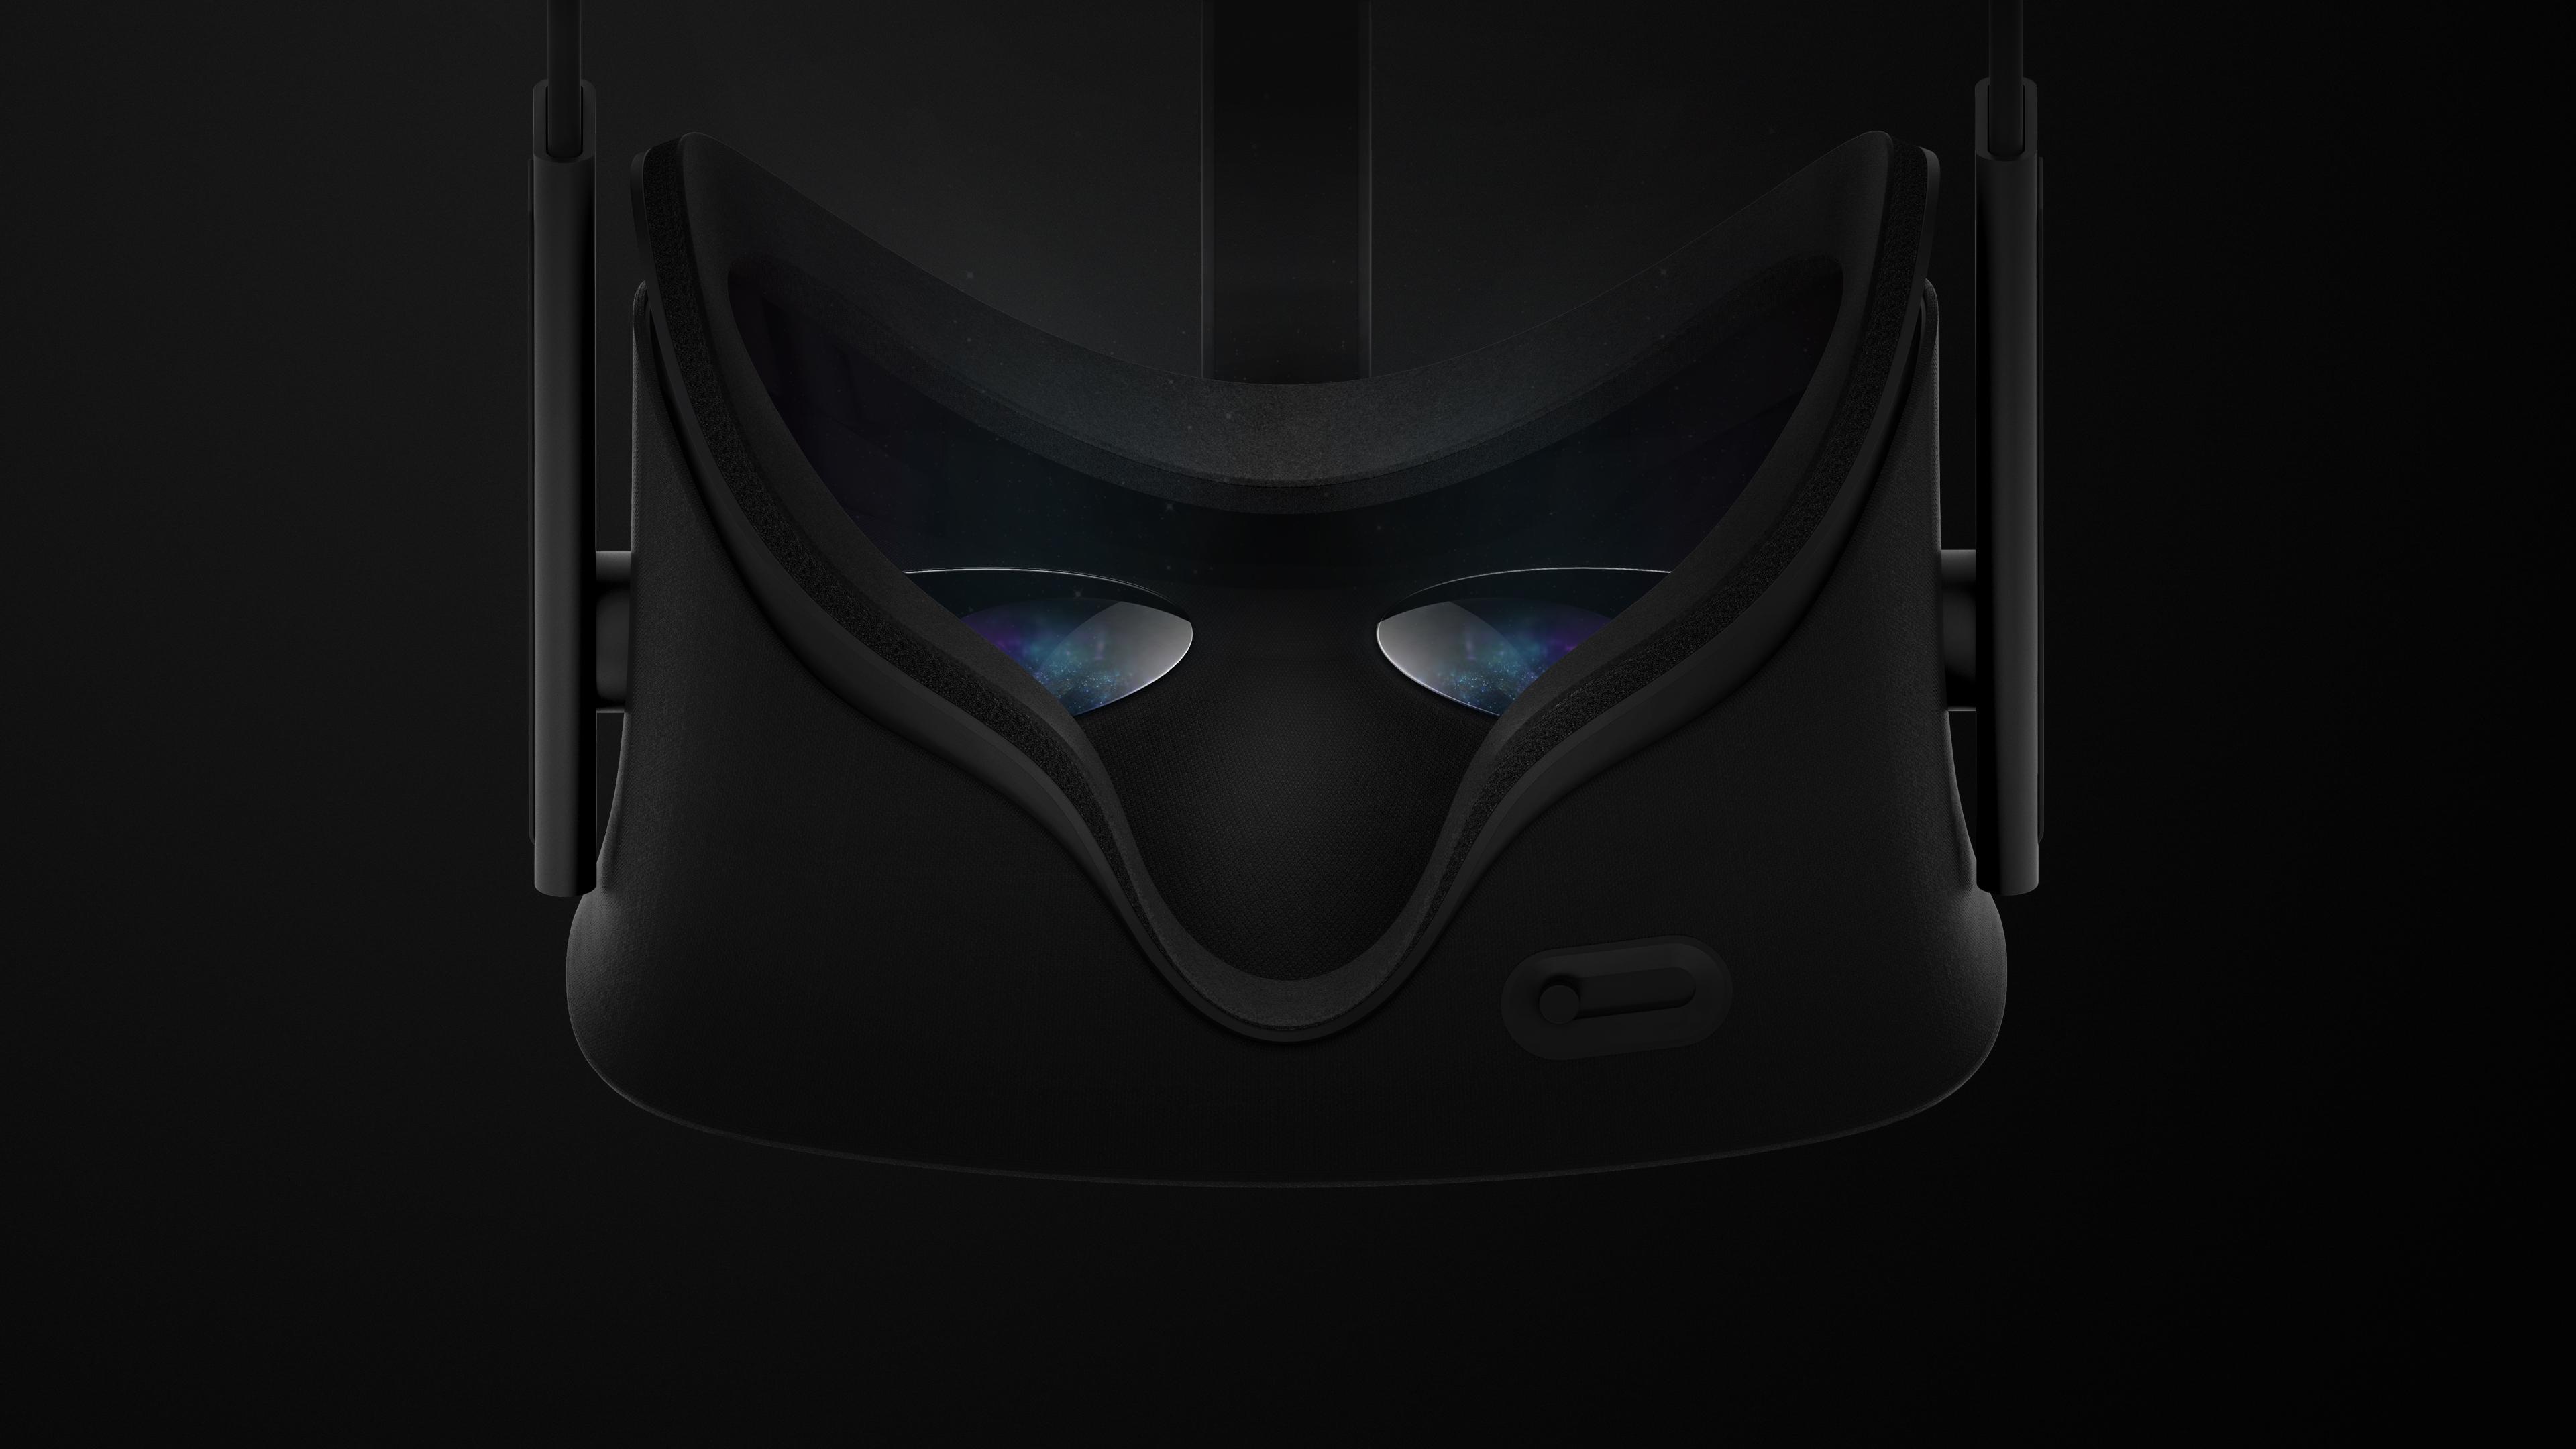 Oculus Rift Consumer 2